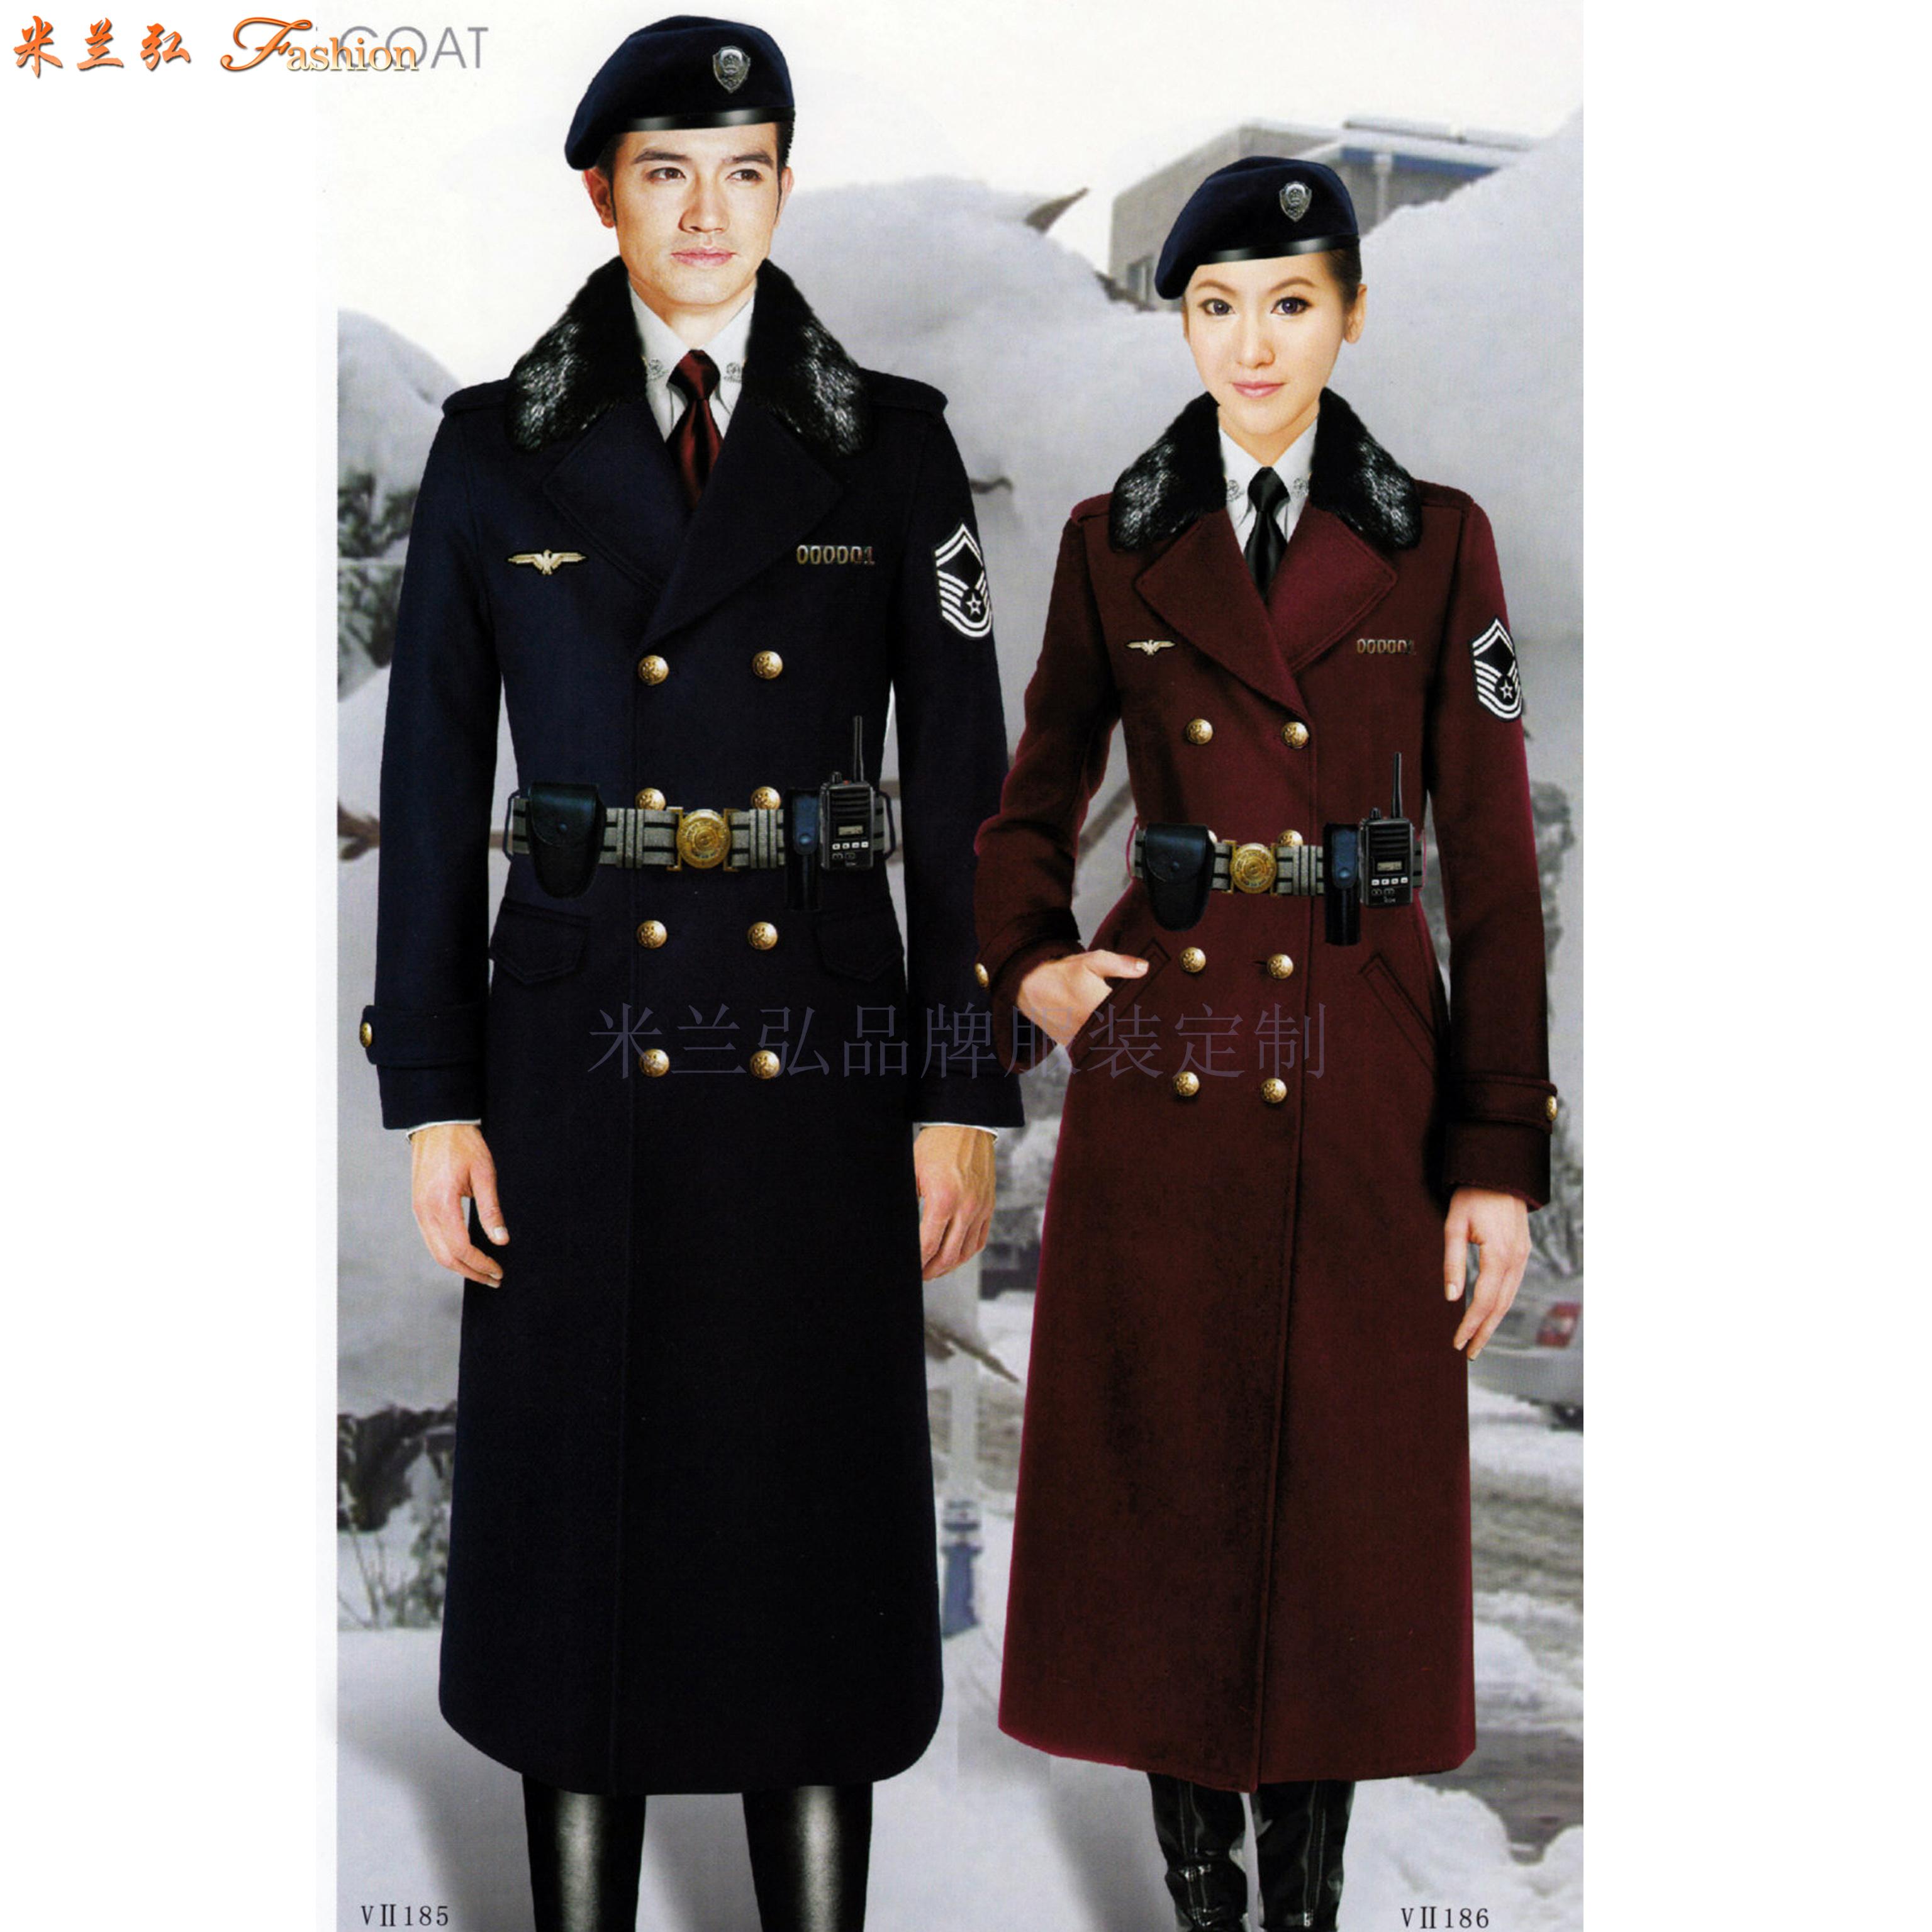 「地鐵大衣定做」「地鐵大衣訂制」「地鐵大衣制作」米蘭弘服裝-2